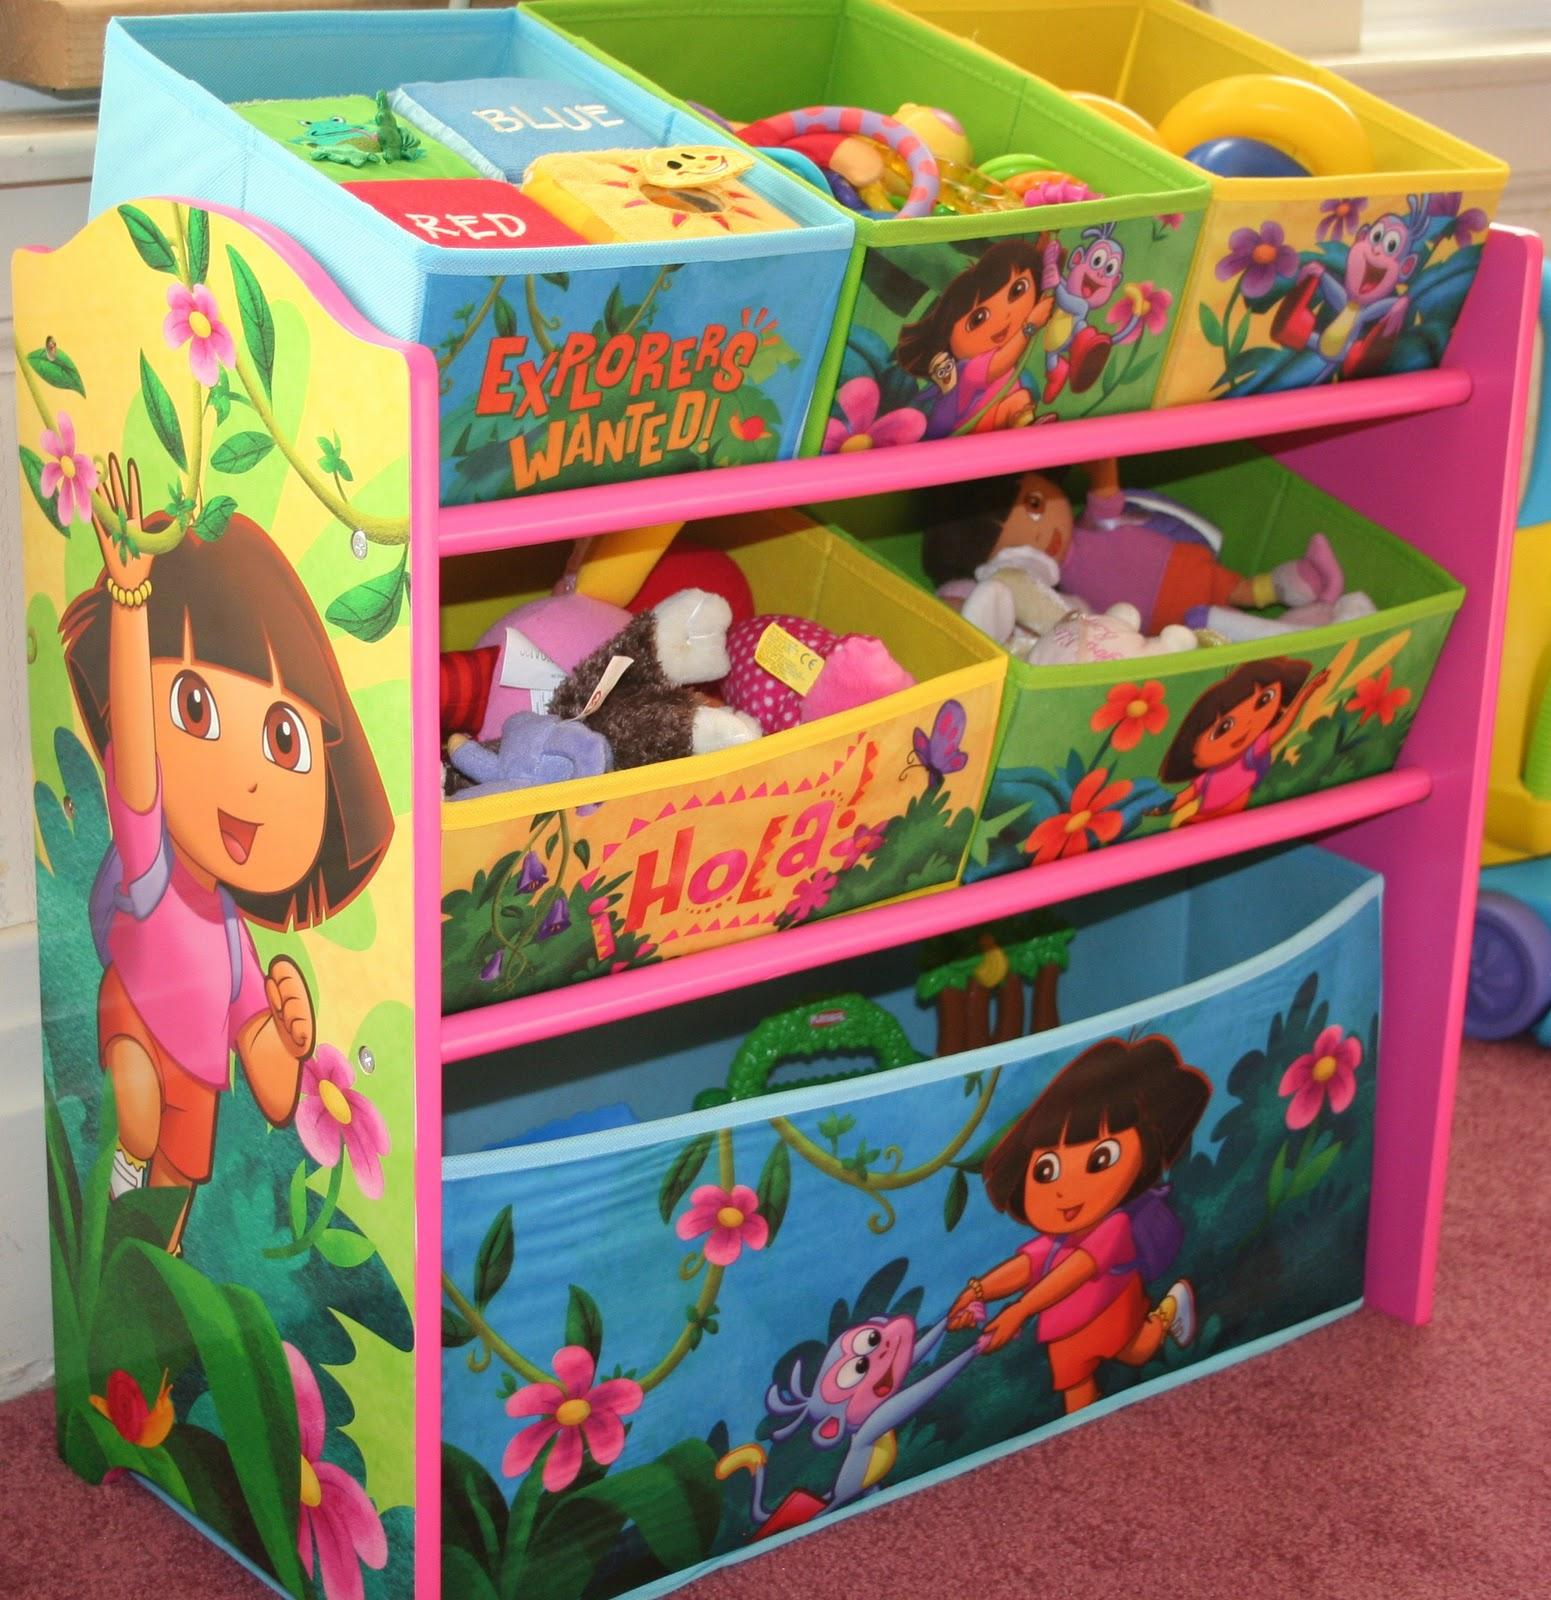 Dora Toys For Girls : Susie b homemaker dora the explorer multi bin toy